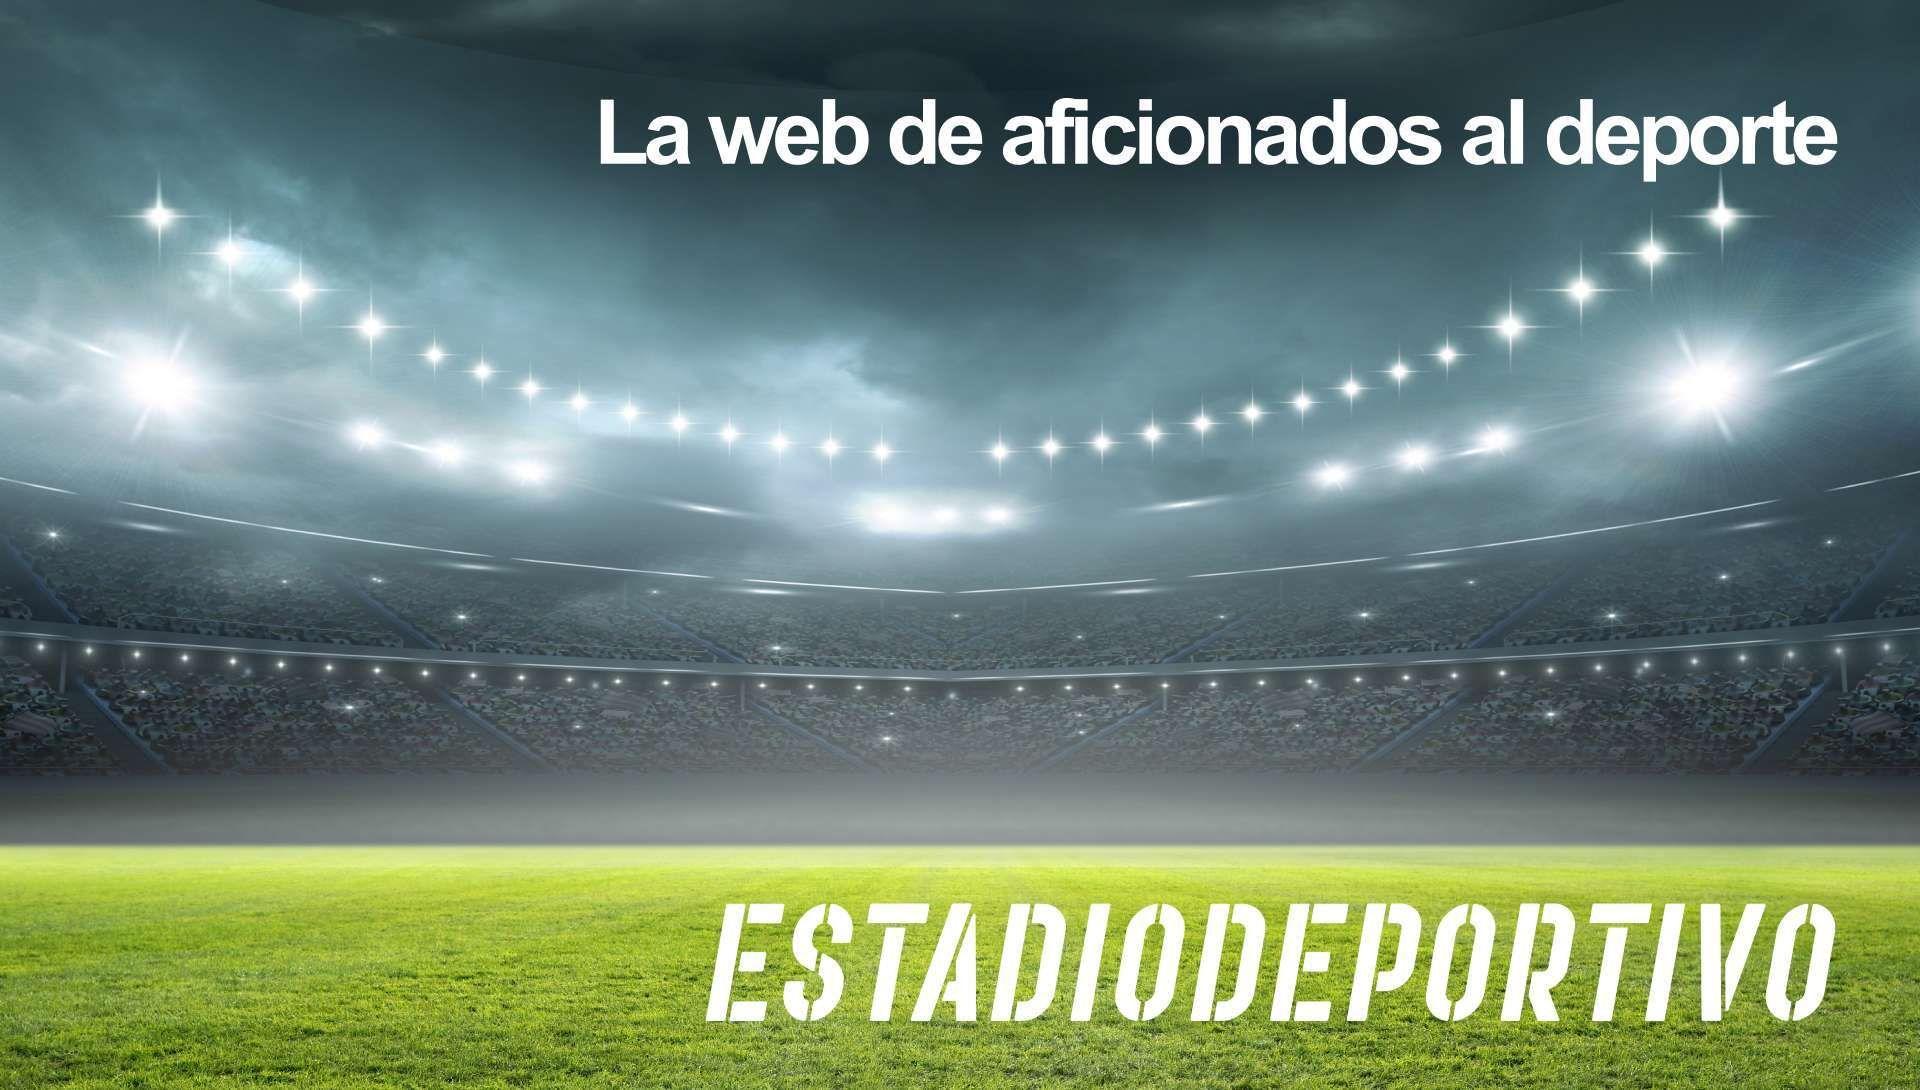 El análisis del rival: Espanyol